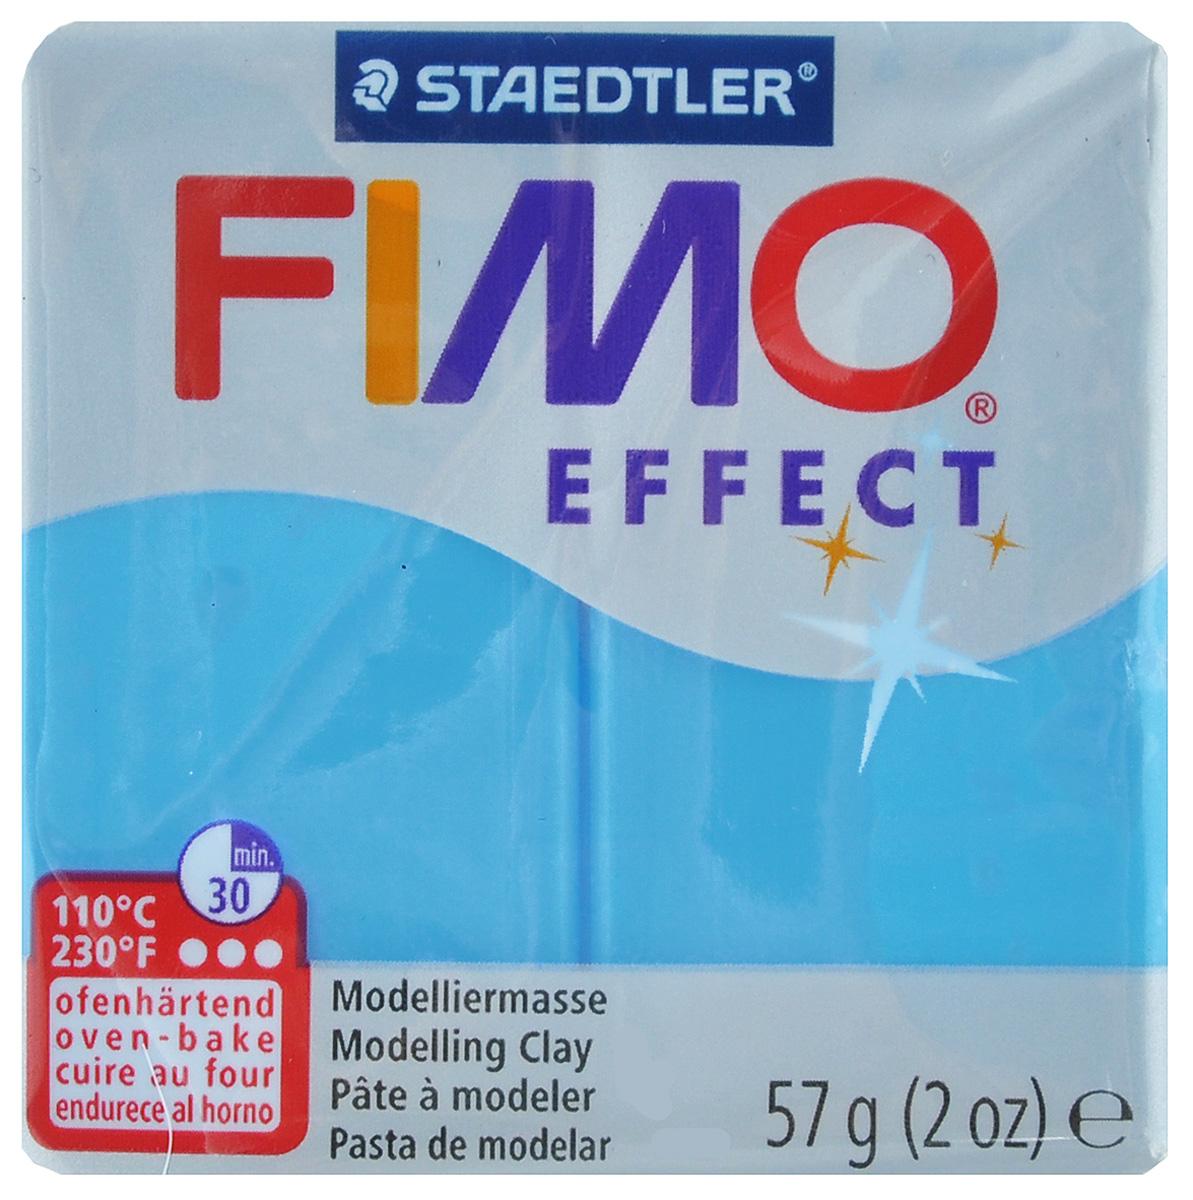 Полимерная глина Fimo Effect, цвет: полупрозрачный синий, 56 г8020-374Полимерная глина Fimo Effect - мягкая глина на полимерной основе (пластик) идеально подходит для лепки небольших изделий (украшений, скульптурок, кукол) и для моделирования. Глина обладает отличными пластичными свойствами, хорошо размягчается и лепится, легко смешивается между собой, благодаря чему можно создать огромное количество поделок любых цветов и оттенков. Блок поделен на восемь сегментов, что позволяет легче разделять глину на порции. В домашних условиях готовая поделка выпекается в духовом шкафу при температуре 110°С в течение 15-30 минут в зависимости от величины изделия. Отвердевшие изделия могут быть раскрашены акриловыми красками, покрыты лаком, склеены друг с другом или с другими материалами.